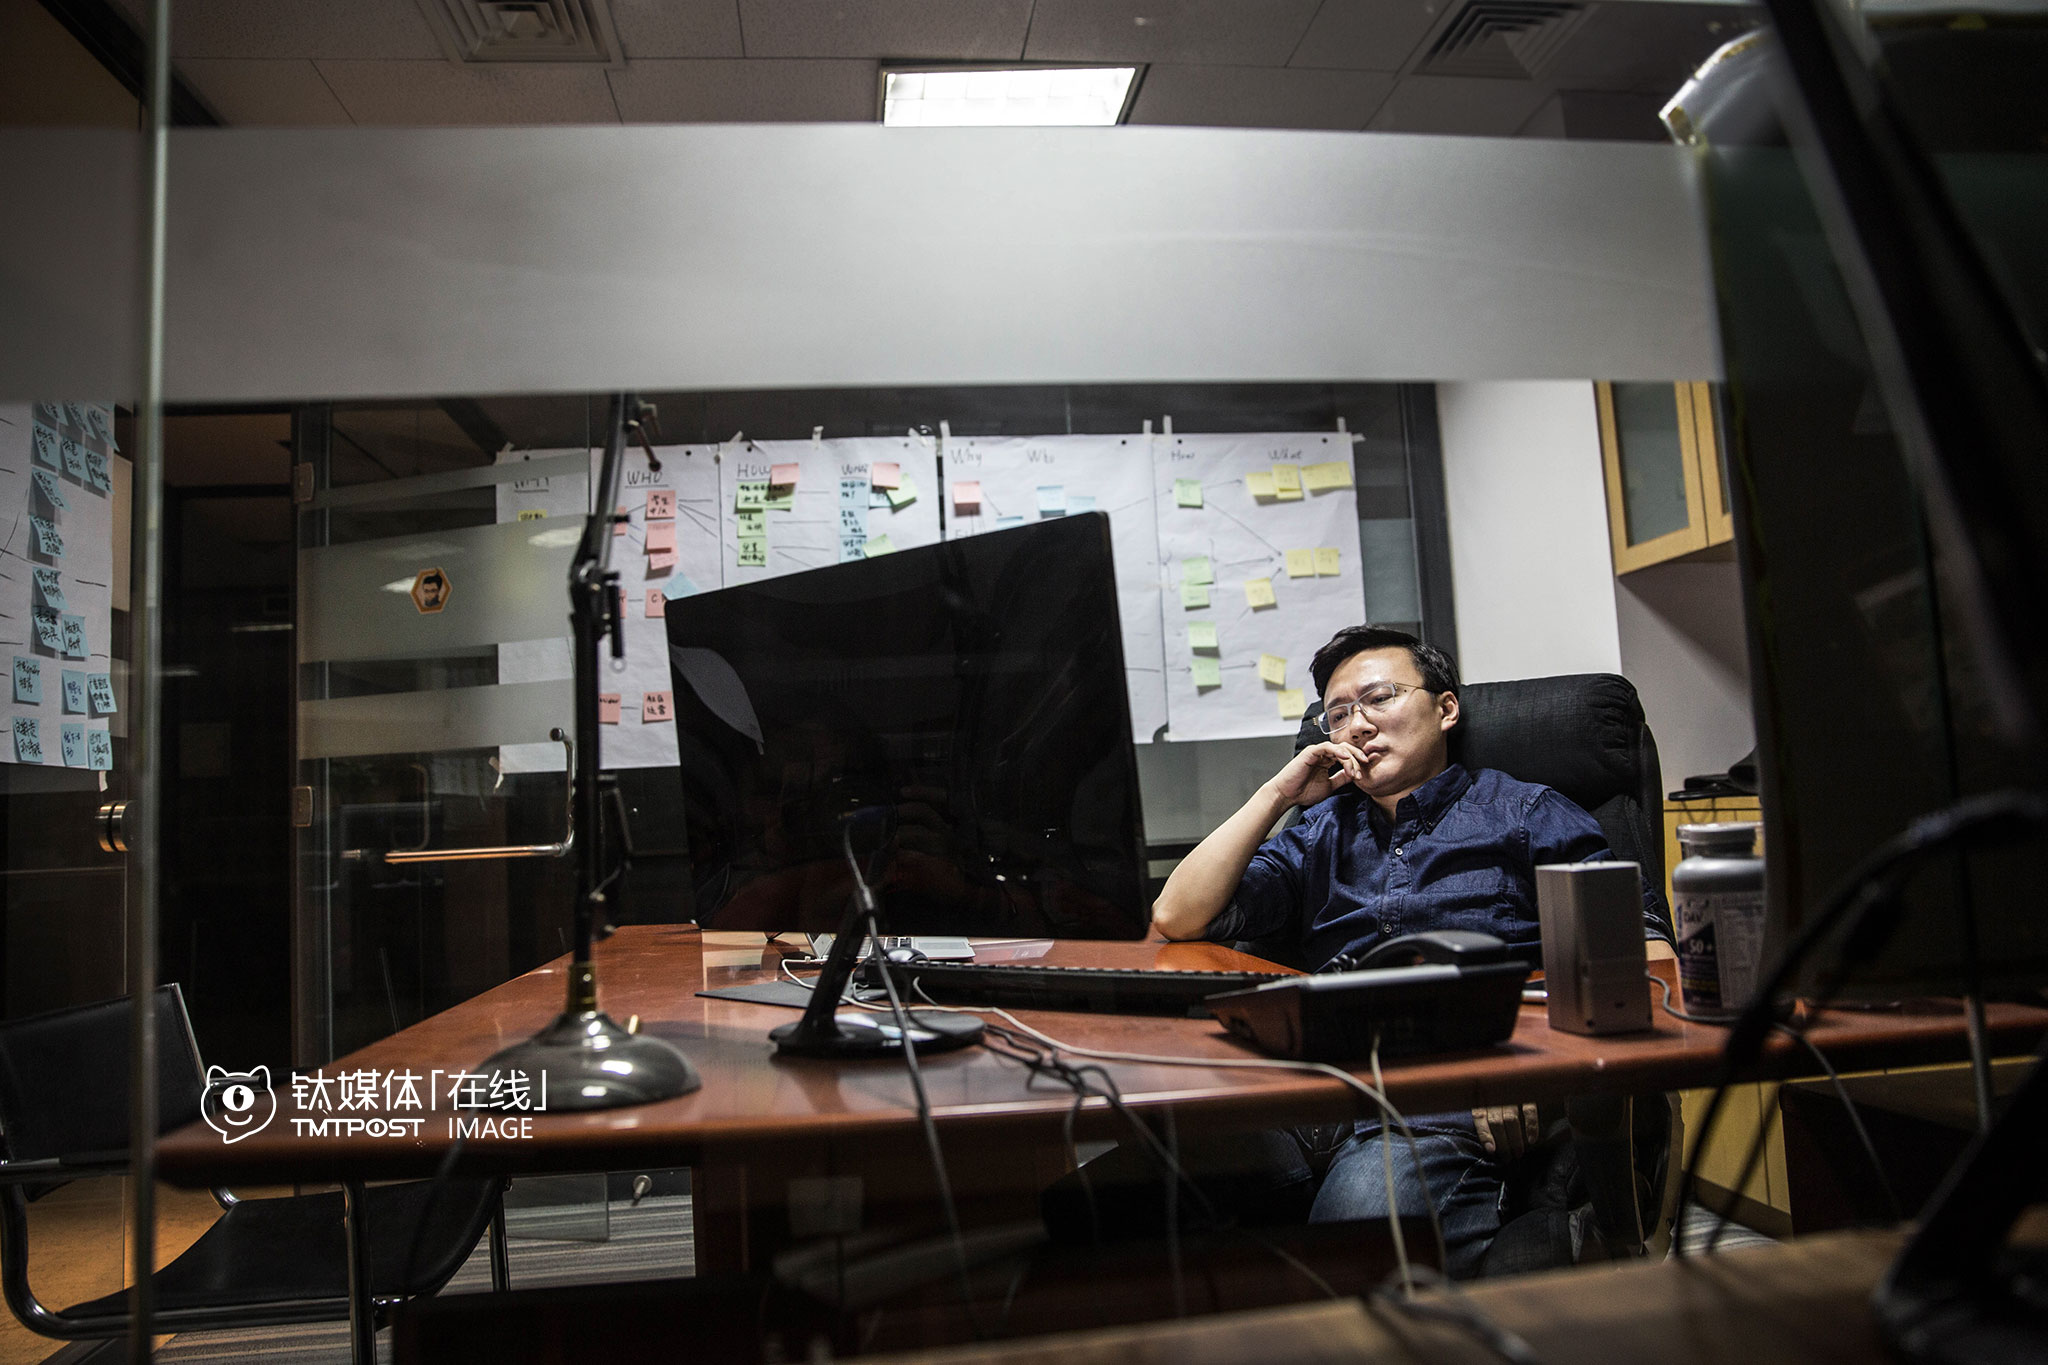 """另一间办公室,创始人钟杰也在忙于案头工作。他最近在招人上花了不少心思,""""现在更多人只是按工作要求自己,不是按创业要求自己,我们找人卡得很紧,因为相比其他损失,创业公司招错人损失更大。""""他很希望找到合适的人,大家一起确定一个目标,齐心协力去达成目标,一起去获得成就感。"""